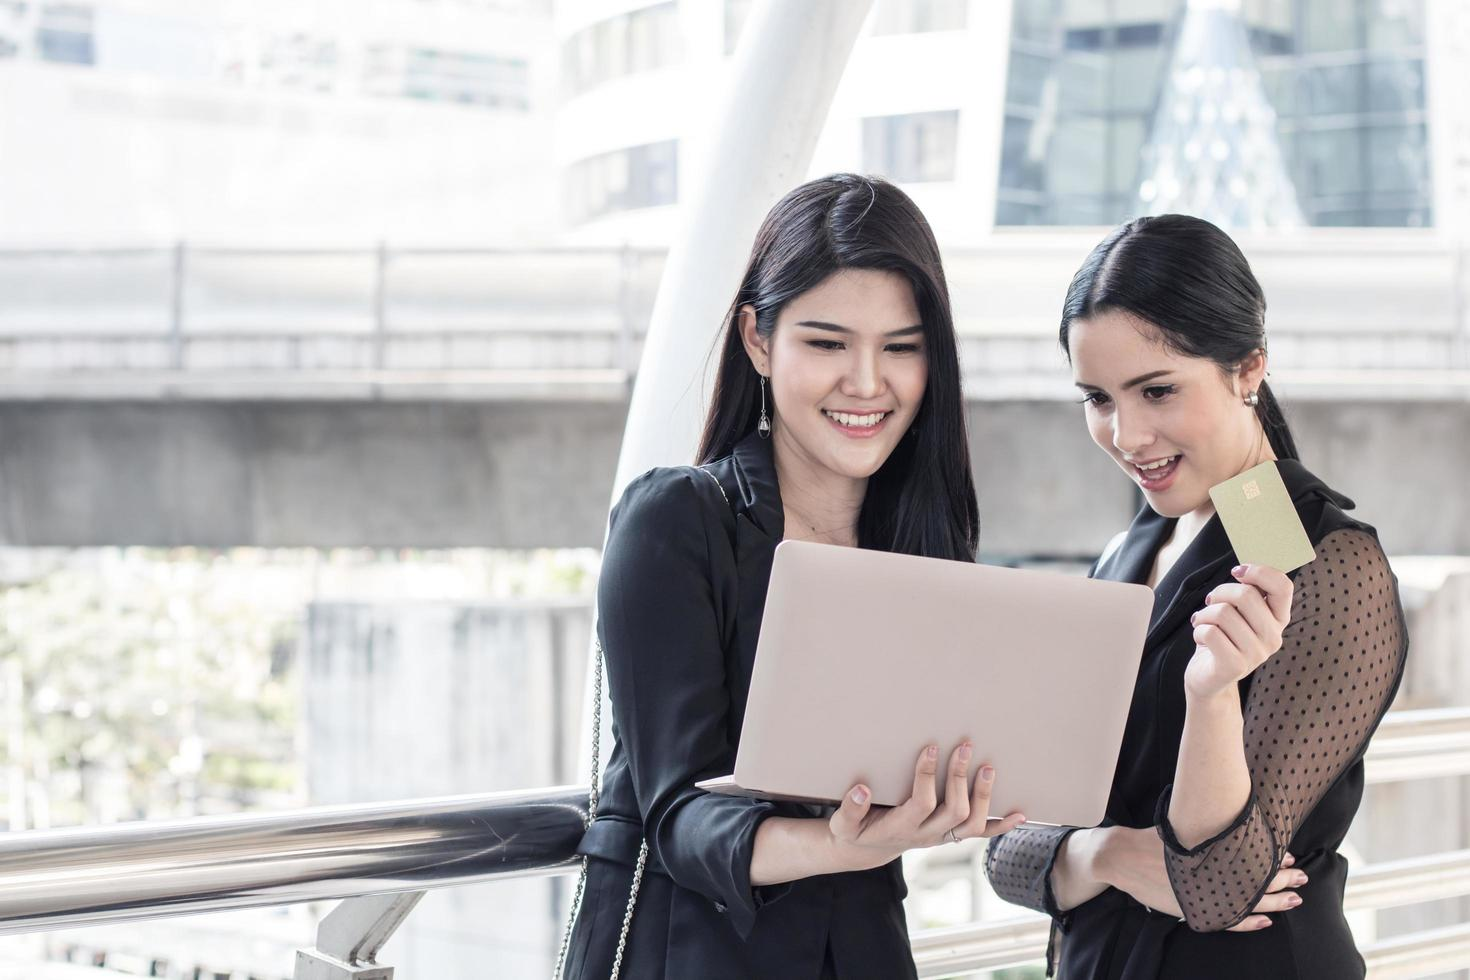 deux femmes d'affaires faisant du shopping en ligne photo